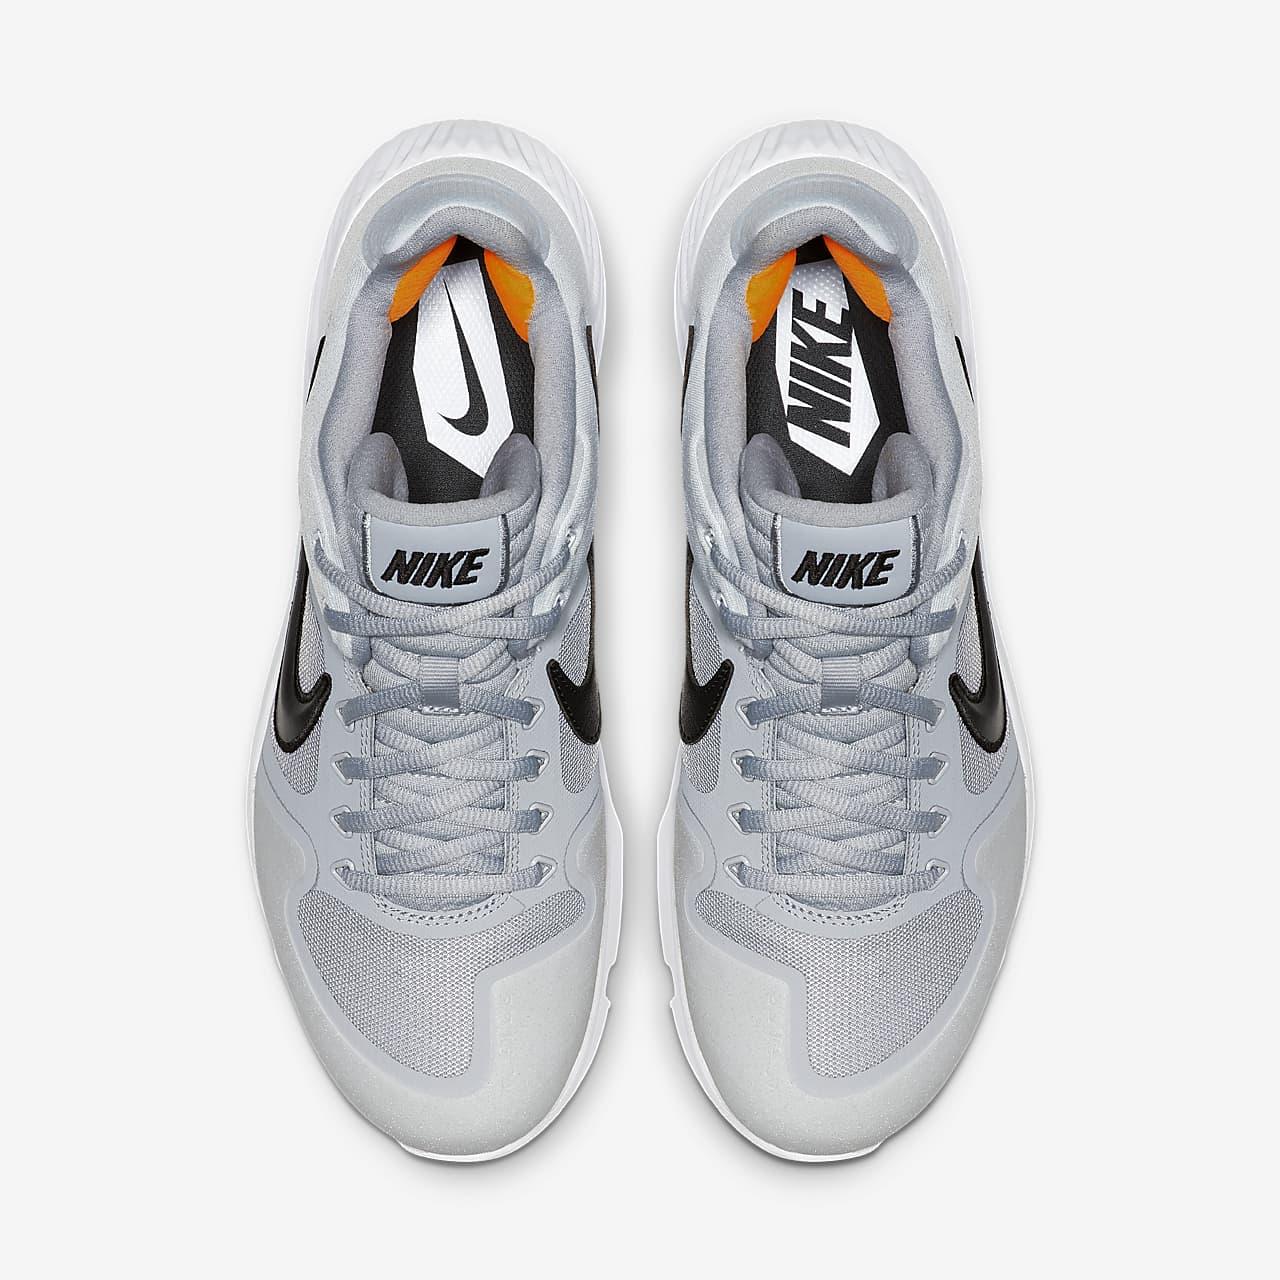 Nike Alpha Huarache Elite 2 Turf Baseball Cleat AJ6877-002